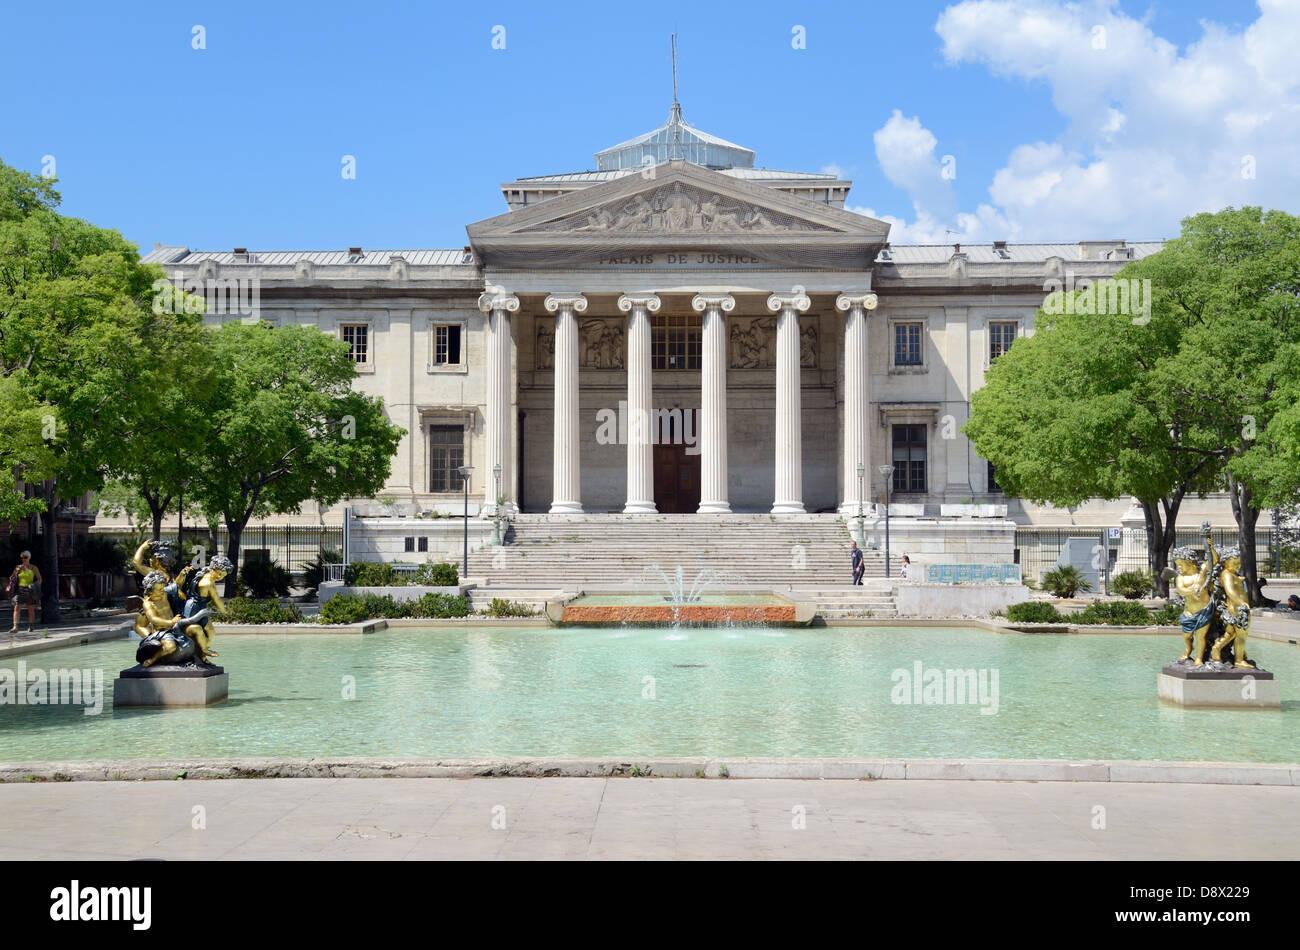 Palais de Justice (1862) Law Courts on Place Montyon Marseille France - Stock Image